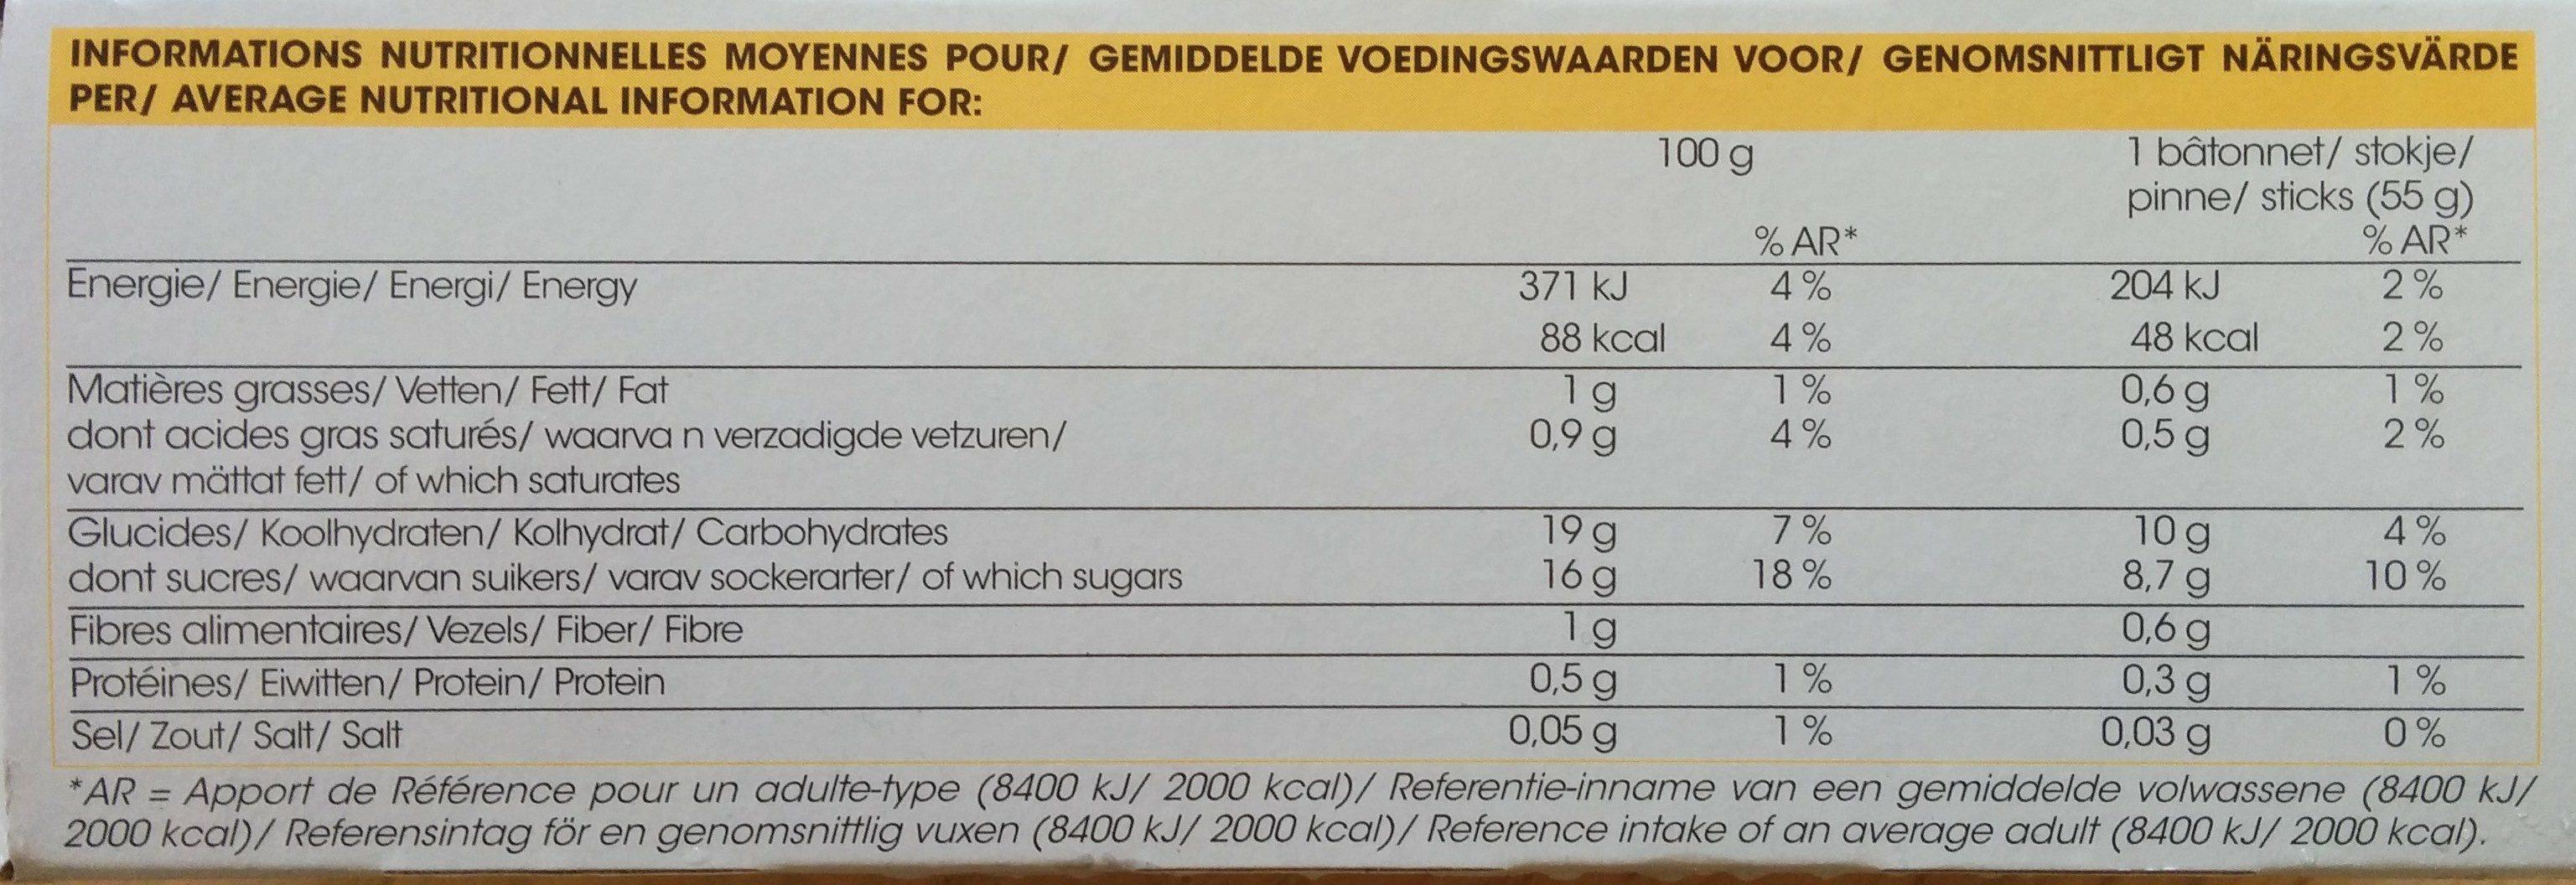 L'ensoleillé - bâtonnet fruité (mangue ananas coco) - Nutrition facts